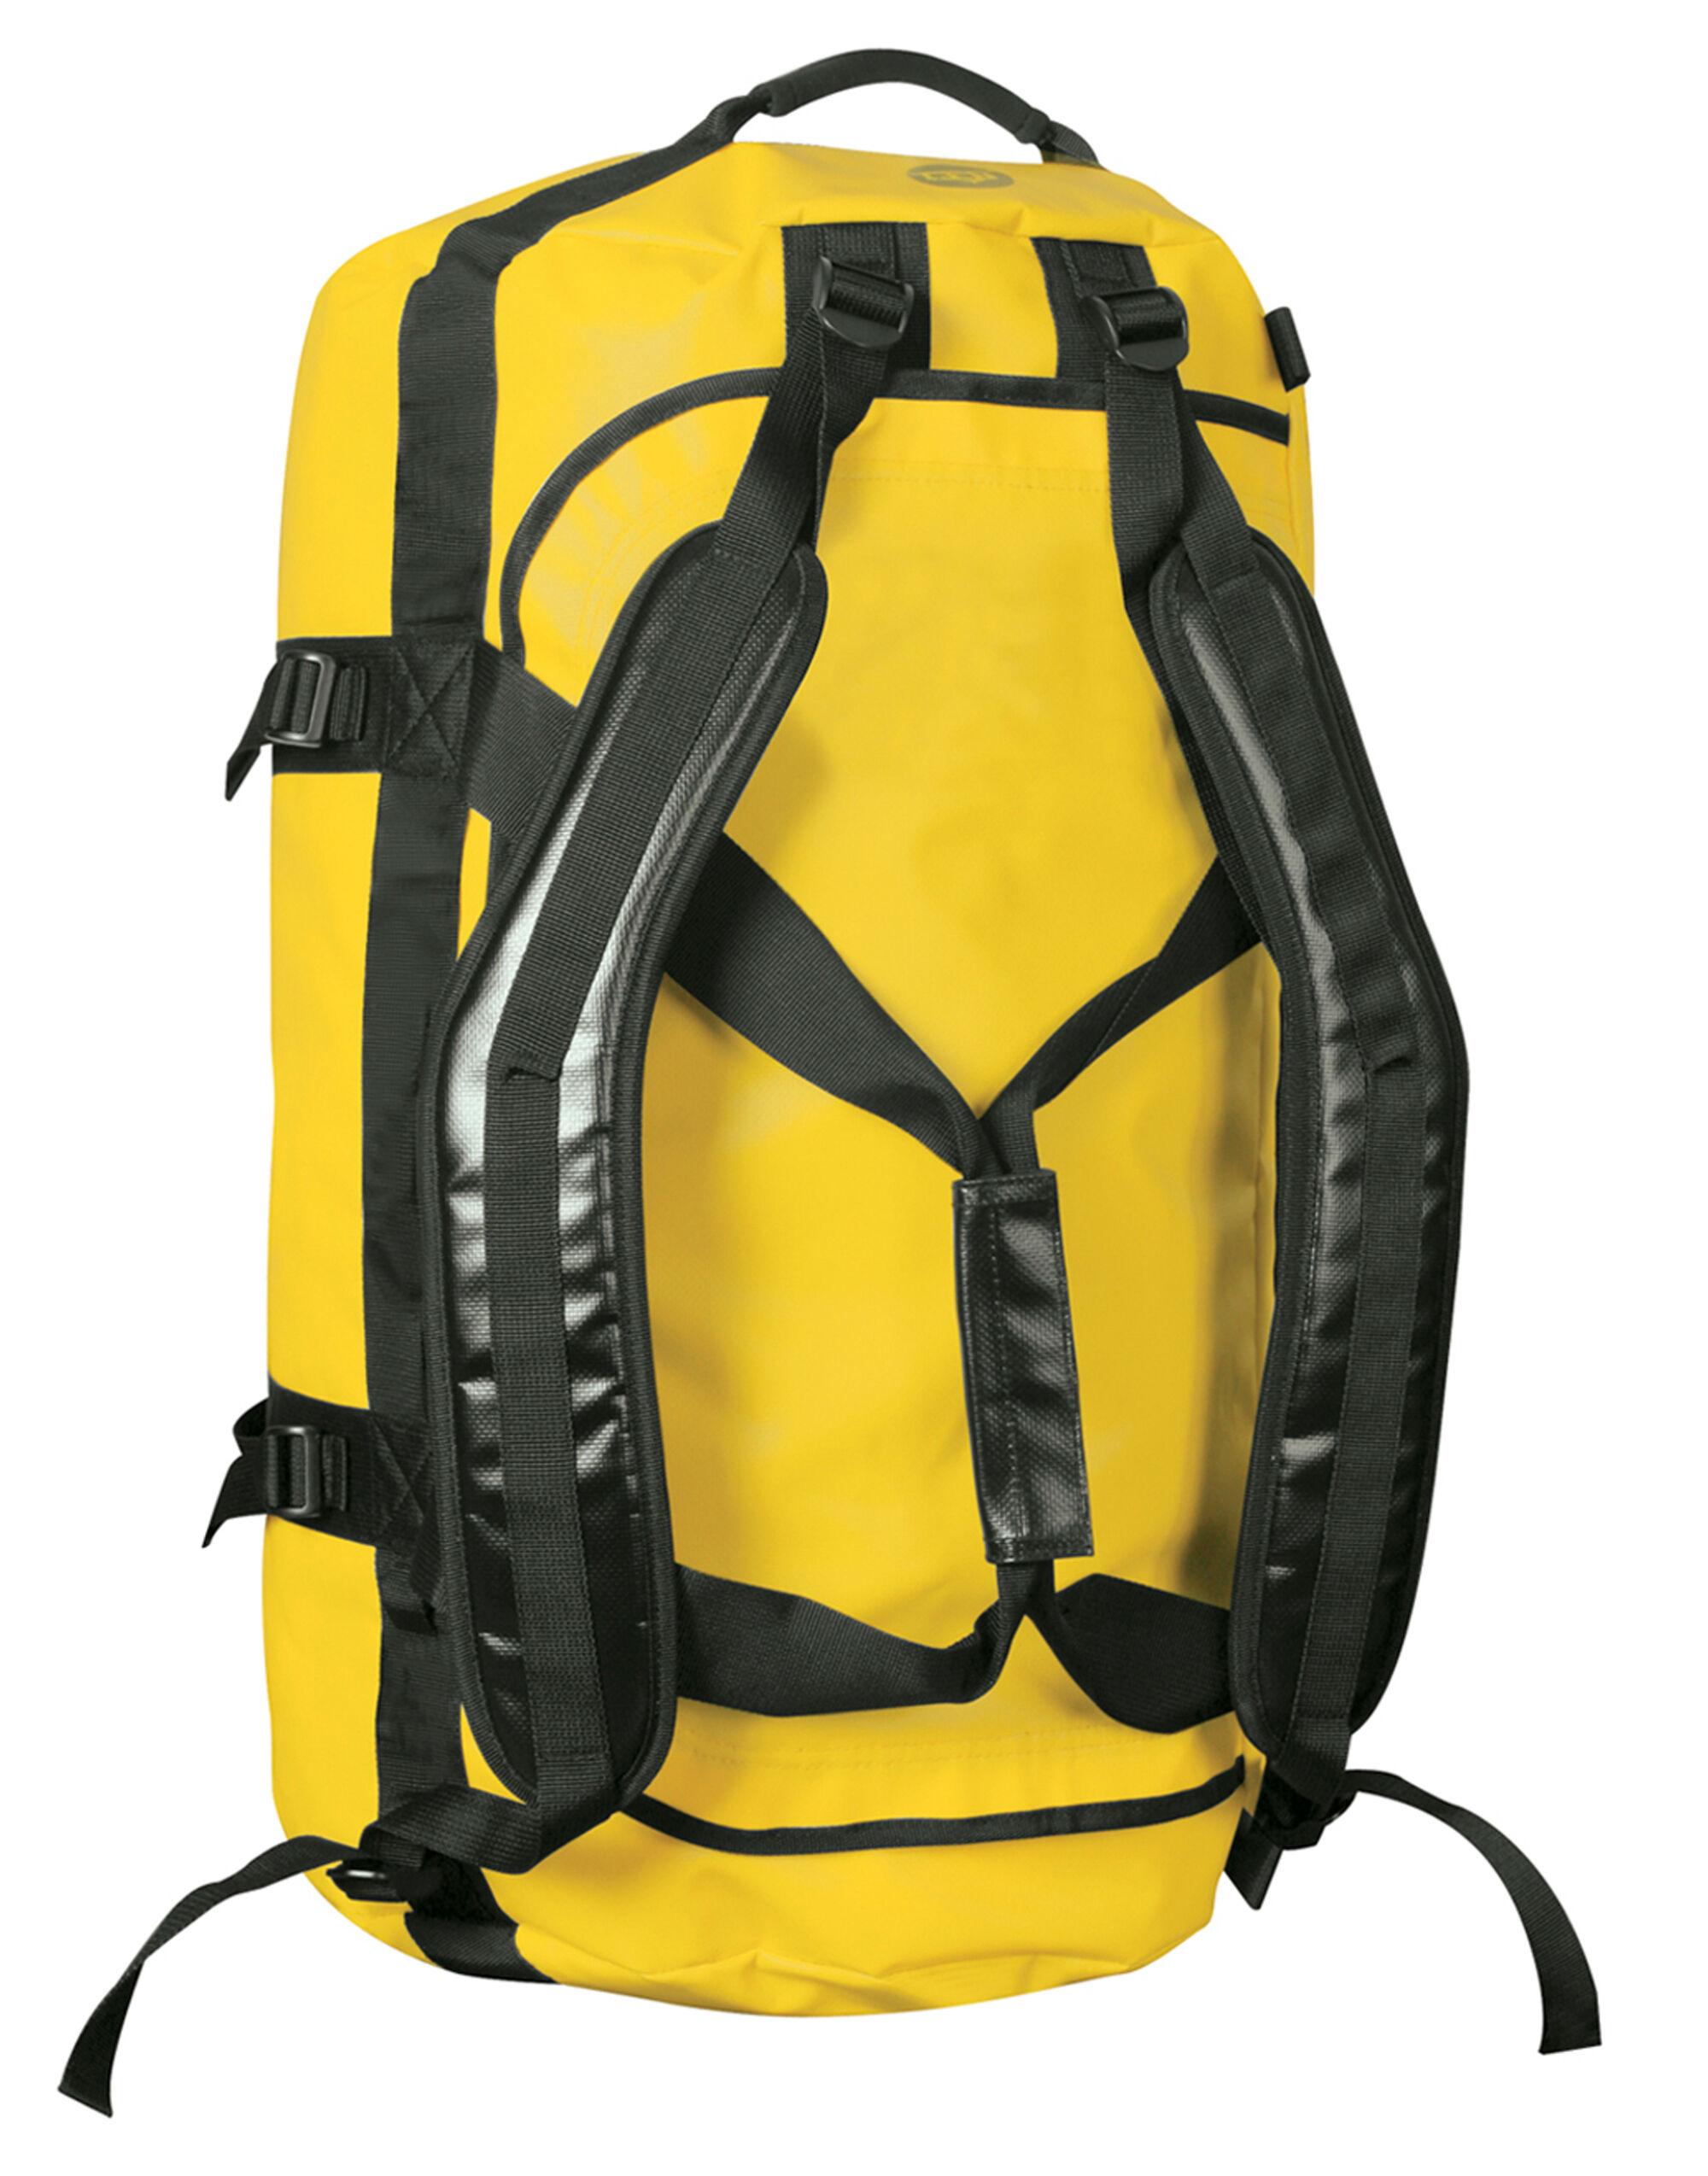 Stormtech Waterproof Gear Bag (Large)